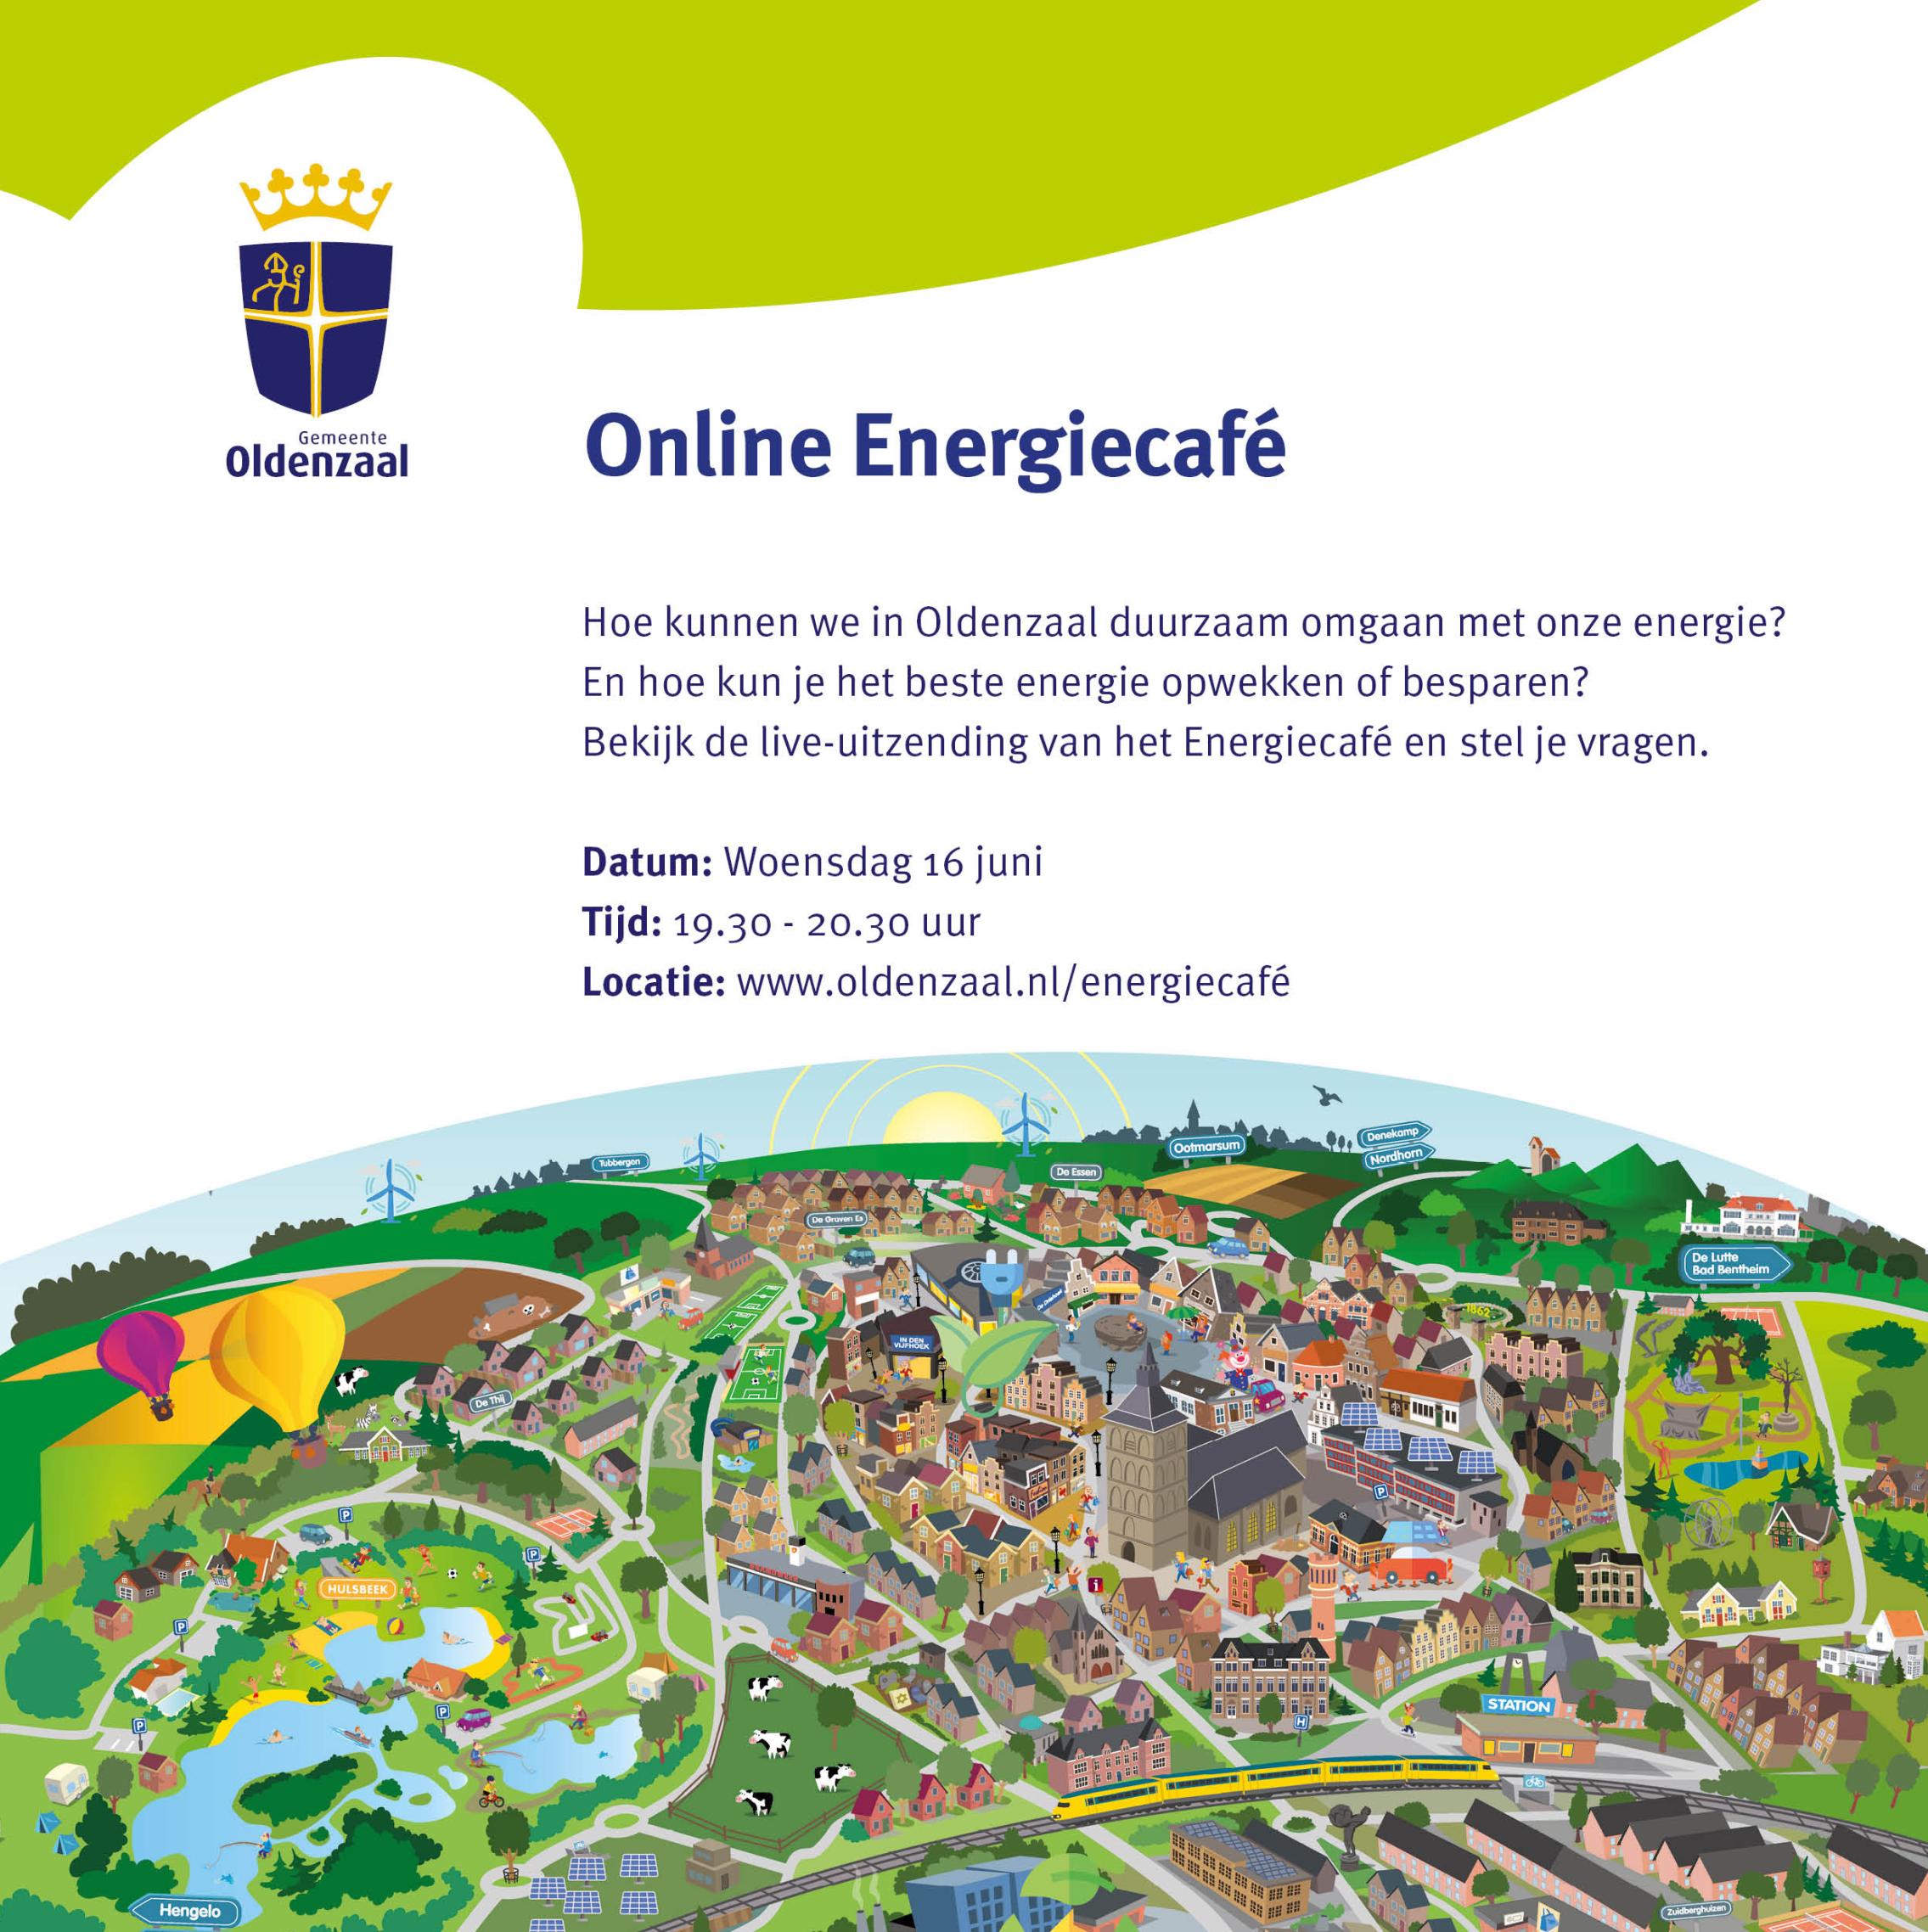 Oldenzaals Energie café